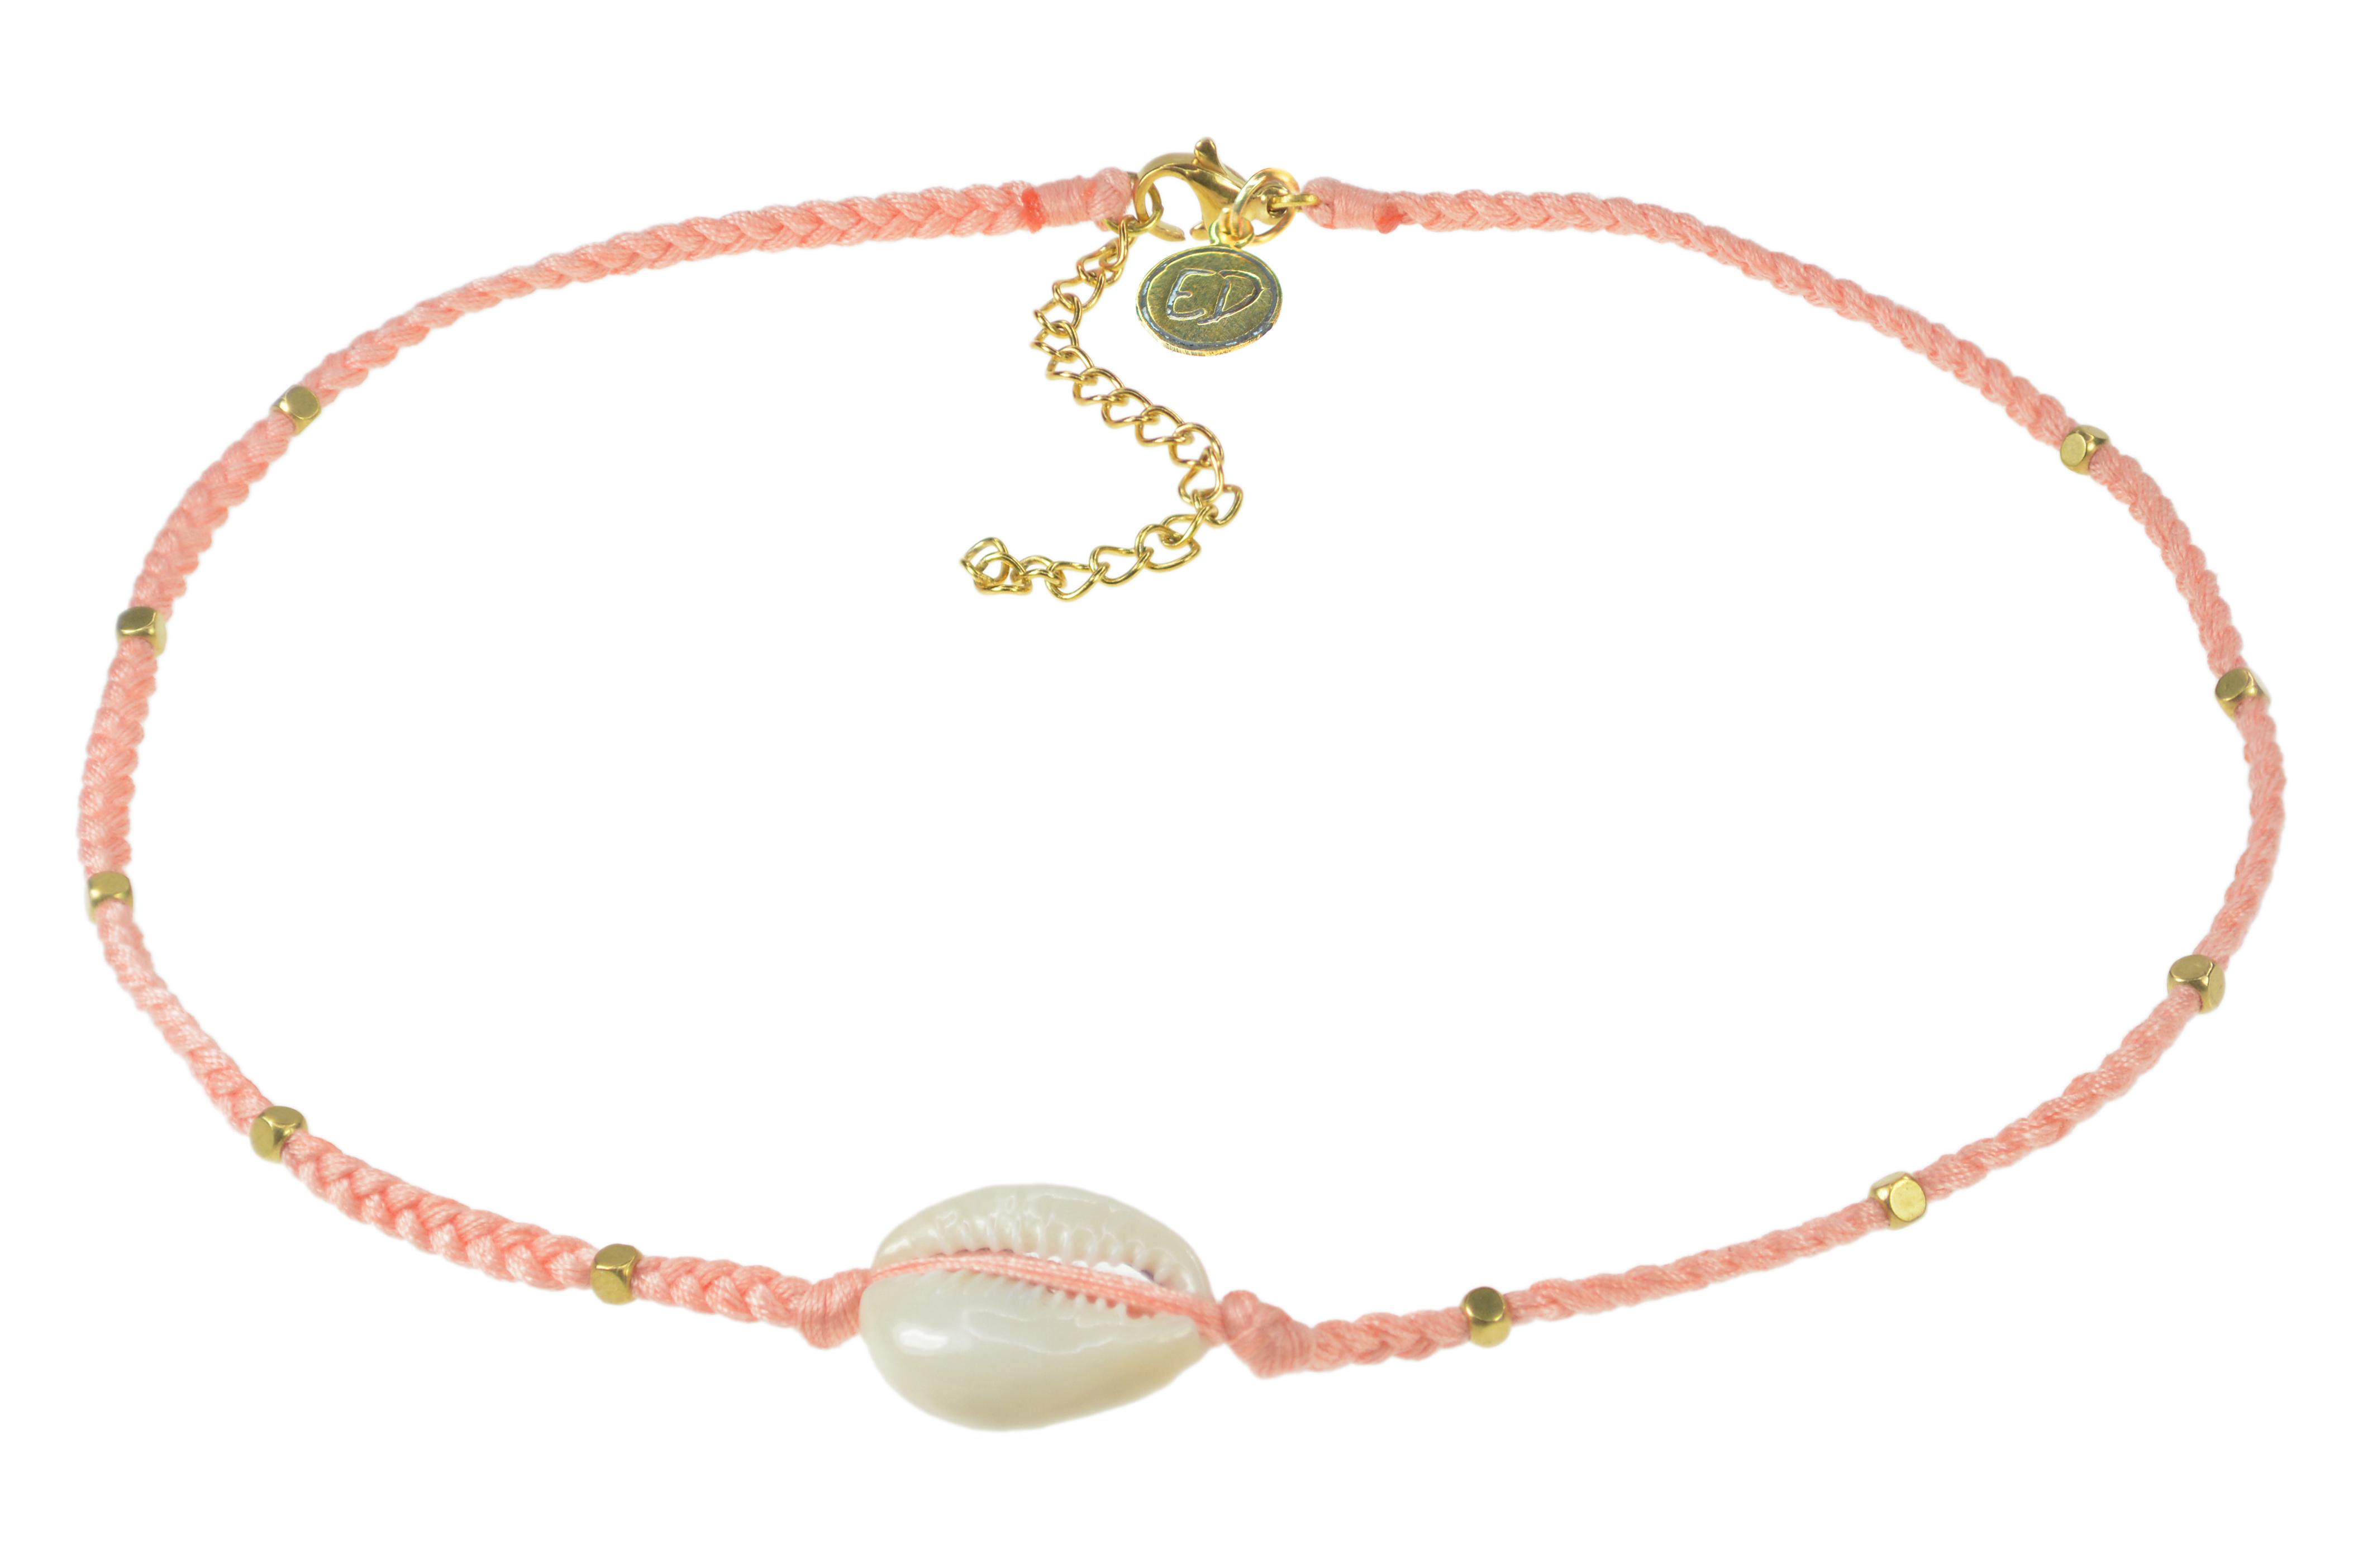 Dámsky ručne pletený náhrdelník  s mušľou a korálkami - Cantaloupe